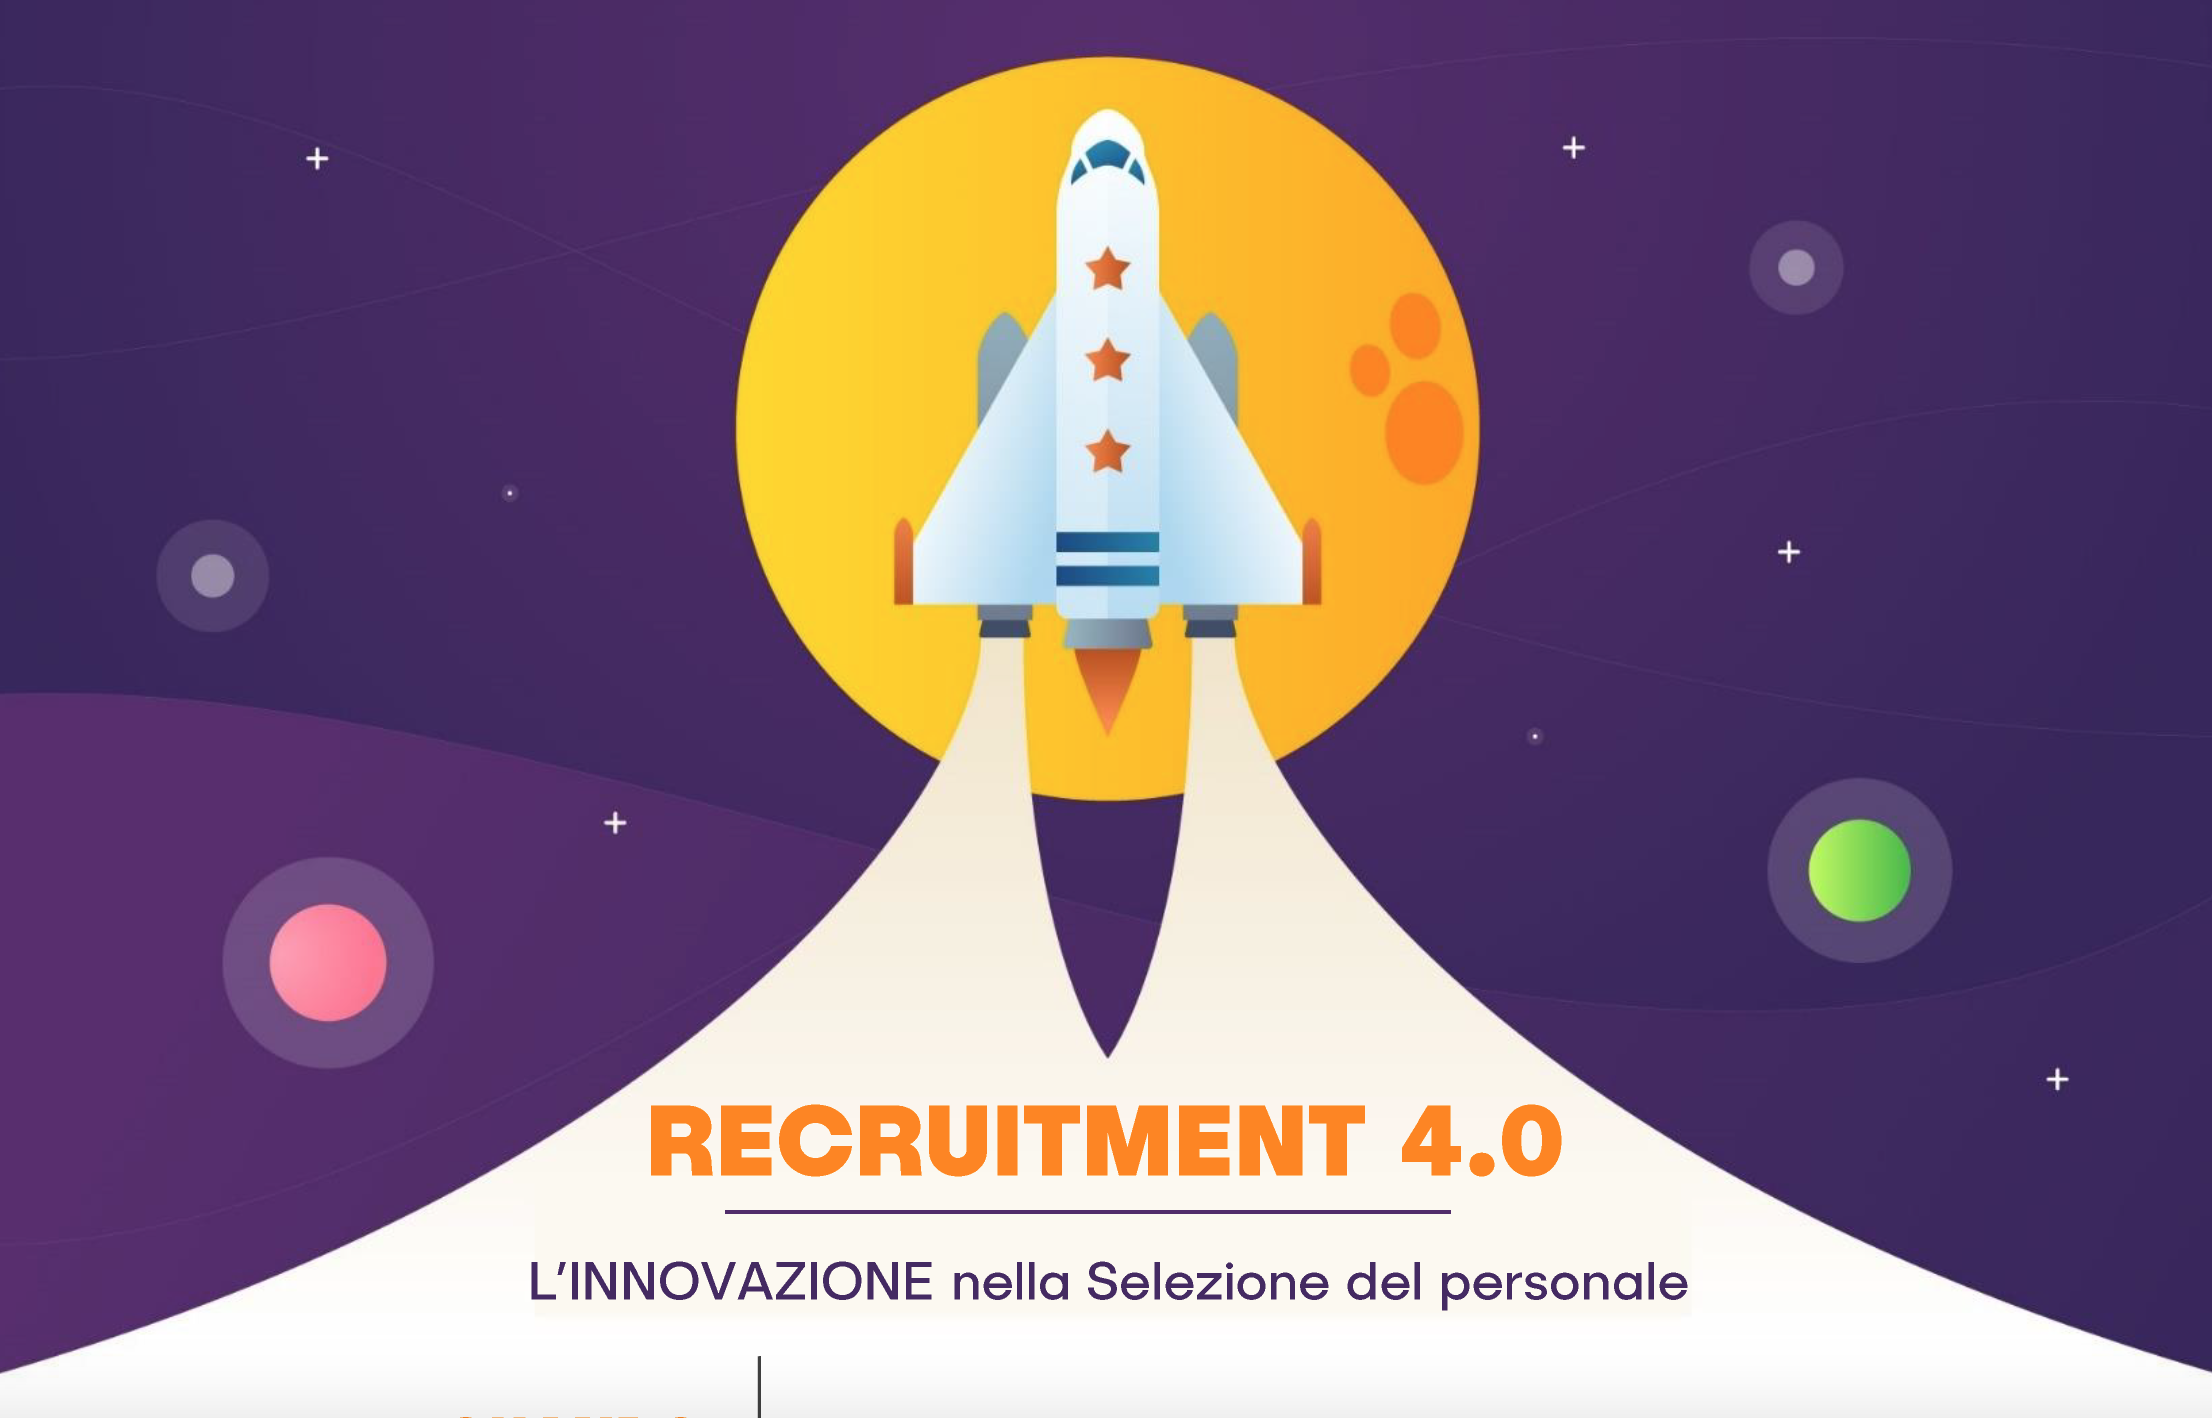 recruitment 4.0